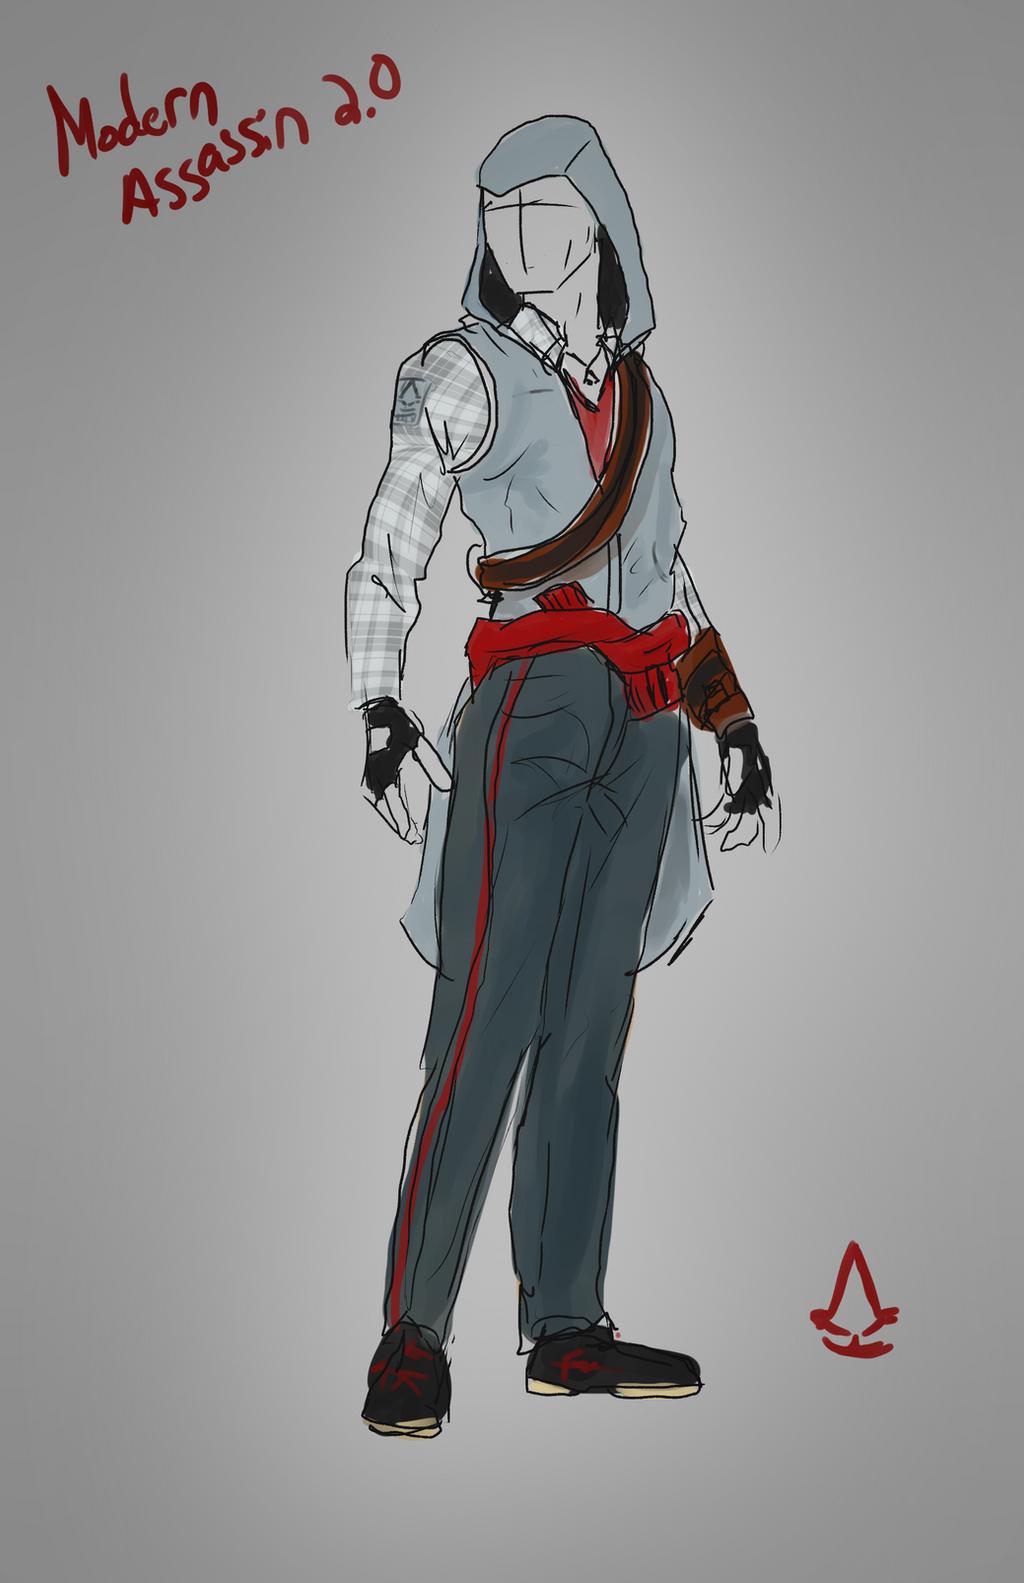 Modern Assassin by IronWarrior777